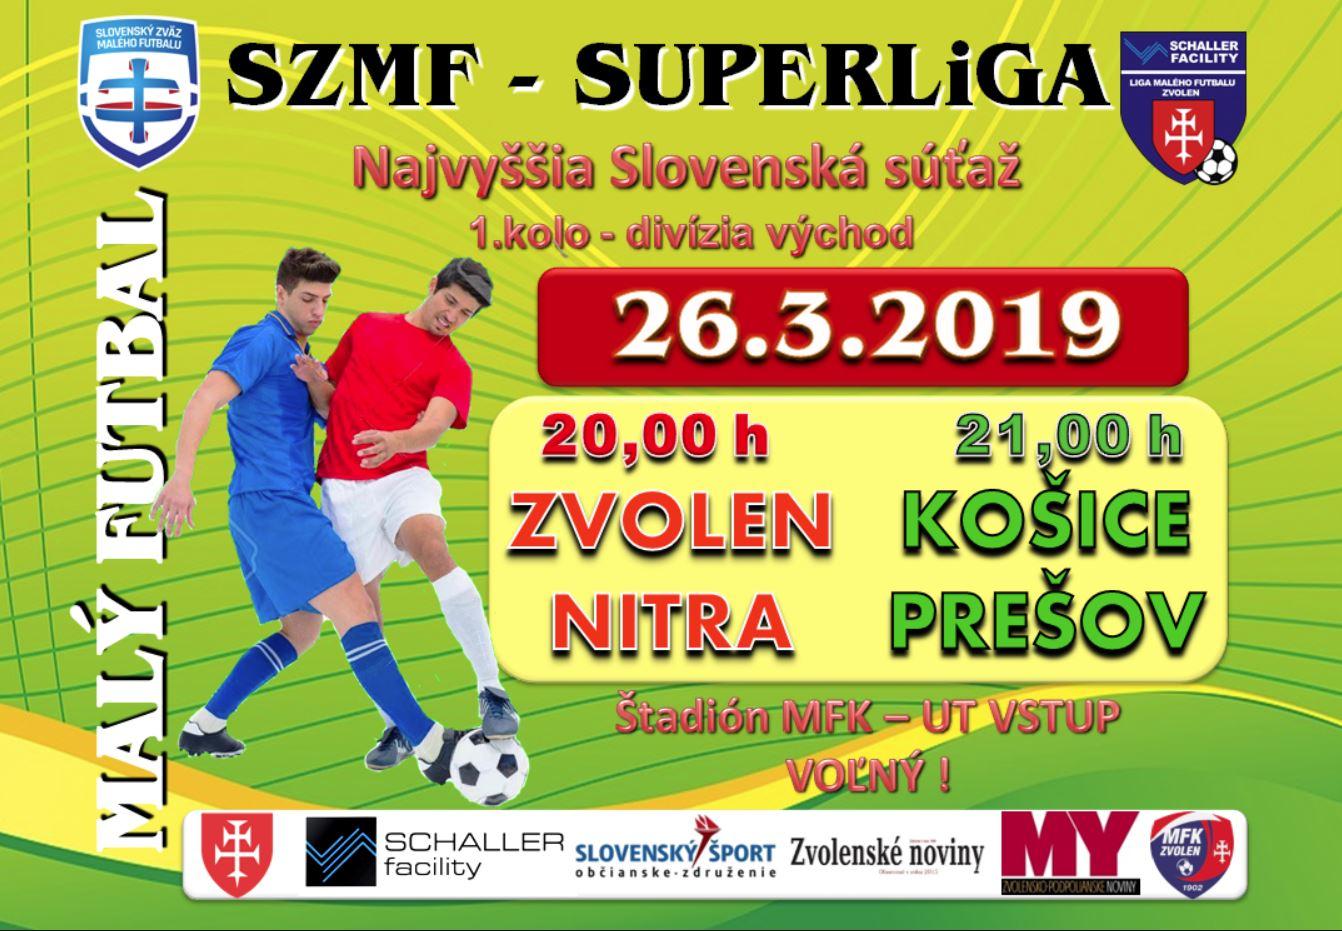 szmf-superliga-plagat-2019